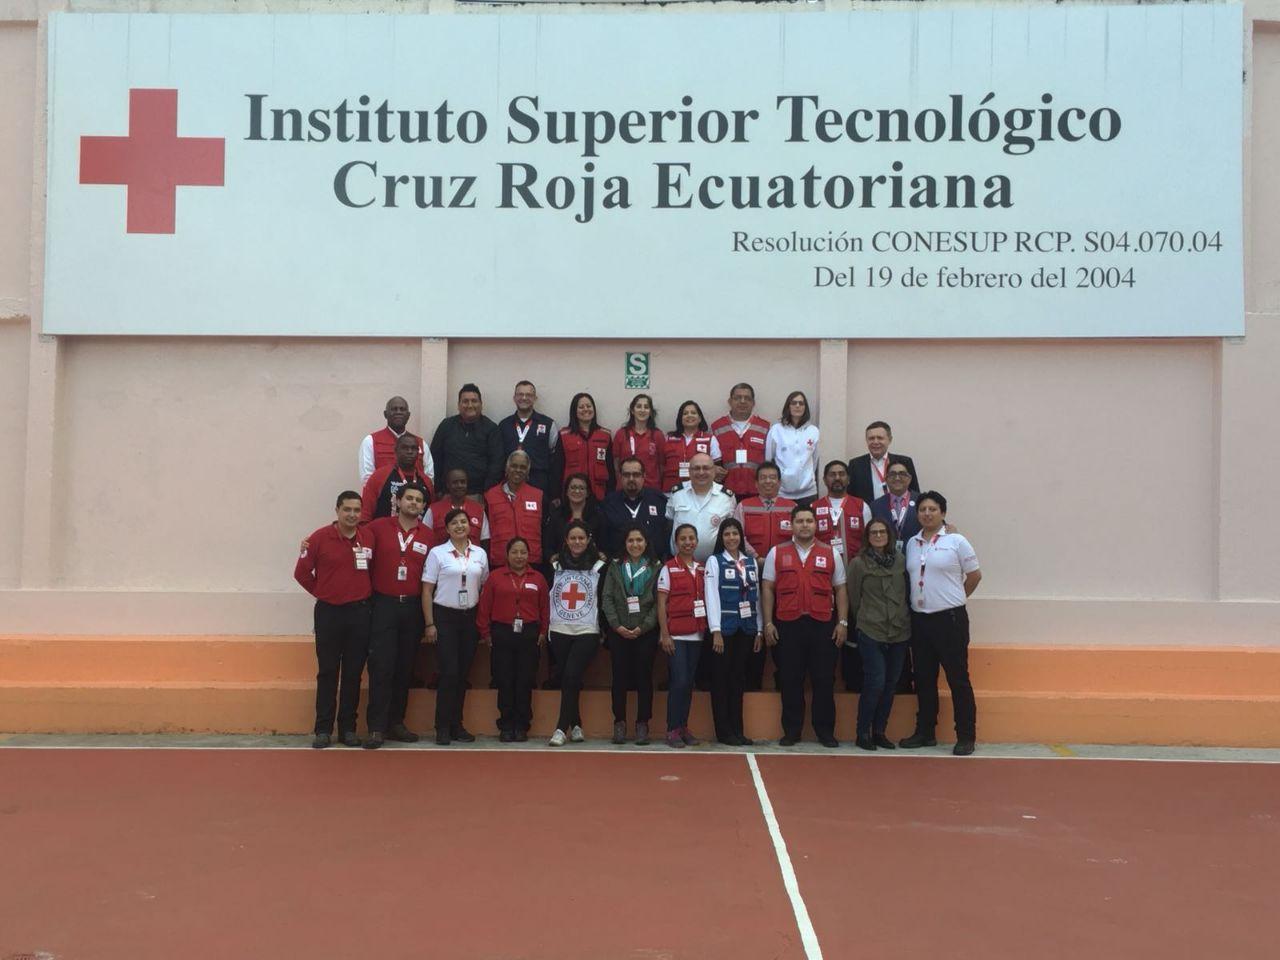 Primeiro Foro Regional para o fortalecimento da Atenção Pré Hospitalar nas Sociedades Nacionais da Cruz Vermelha (2)